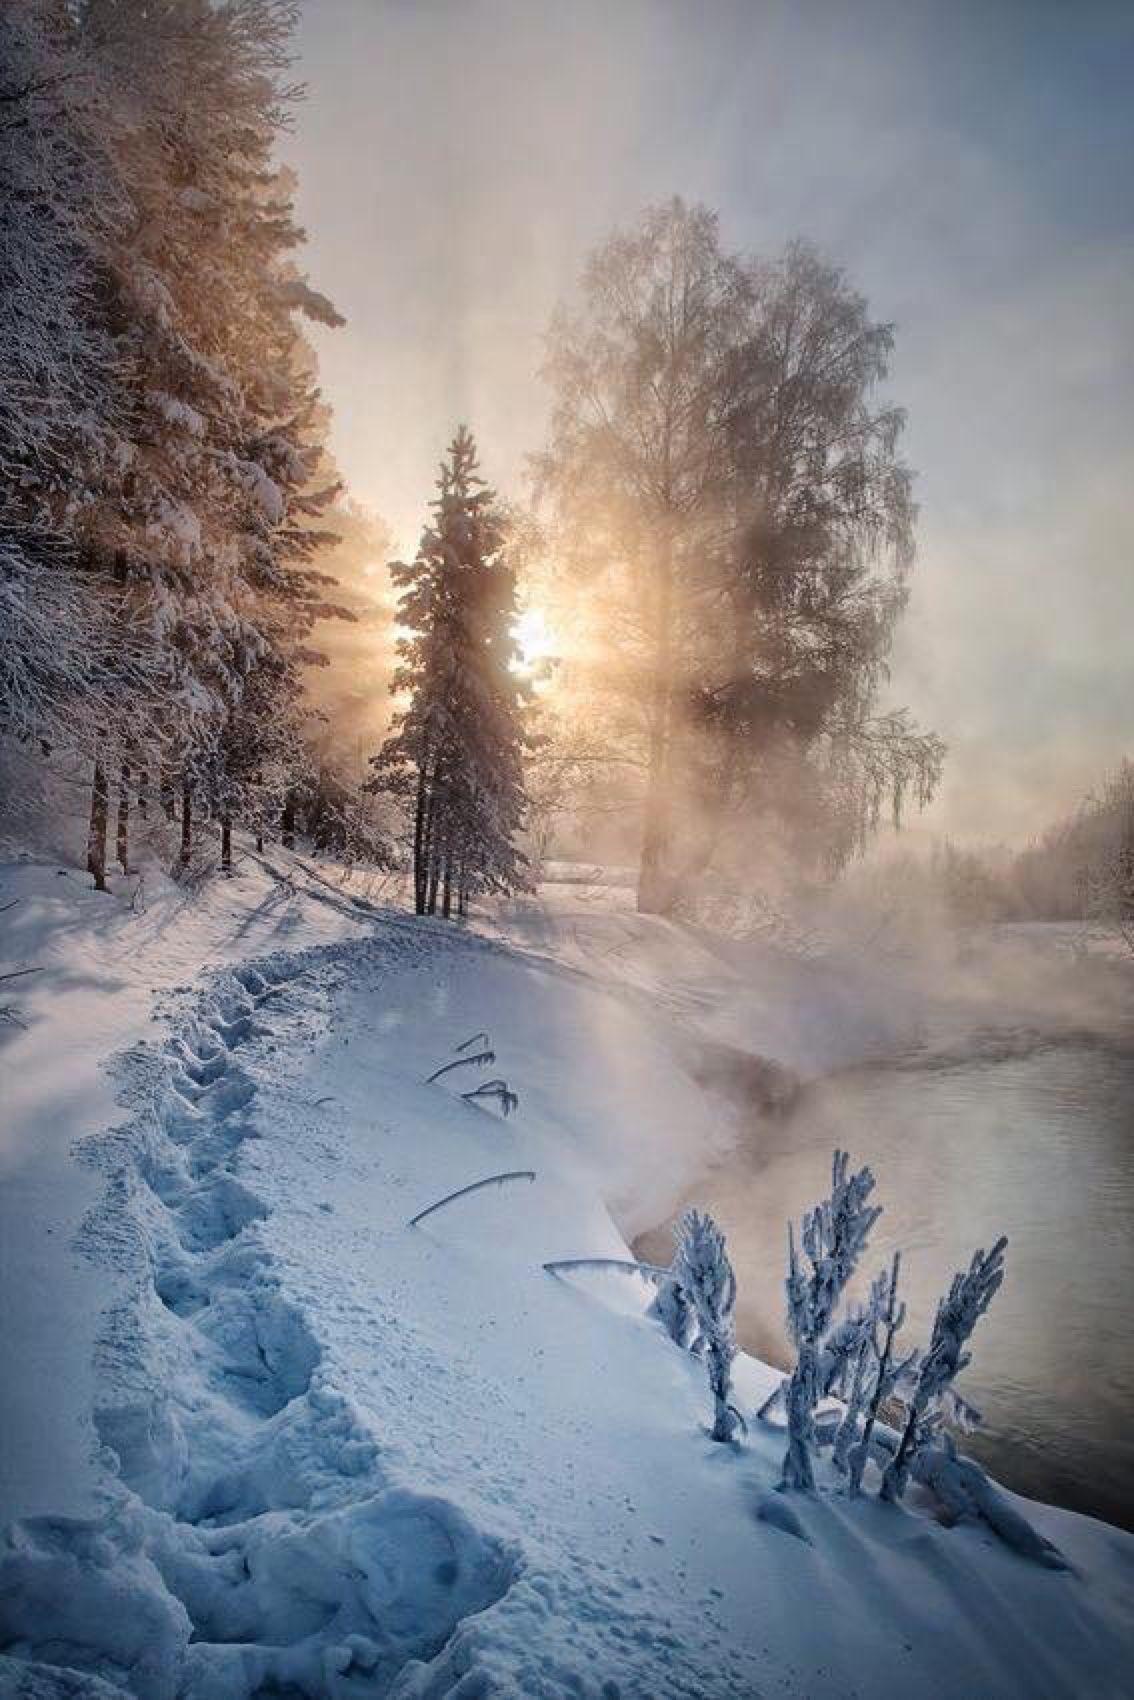 Winter, Schnee, Plätzchen und Weihnachten ist bald in Sicht. Was will man mehr in der kalten Winterzeit?